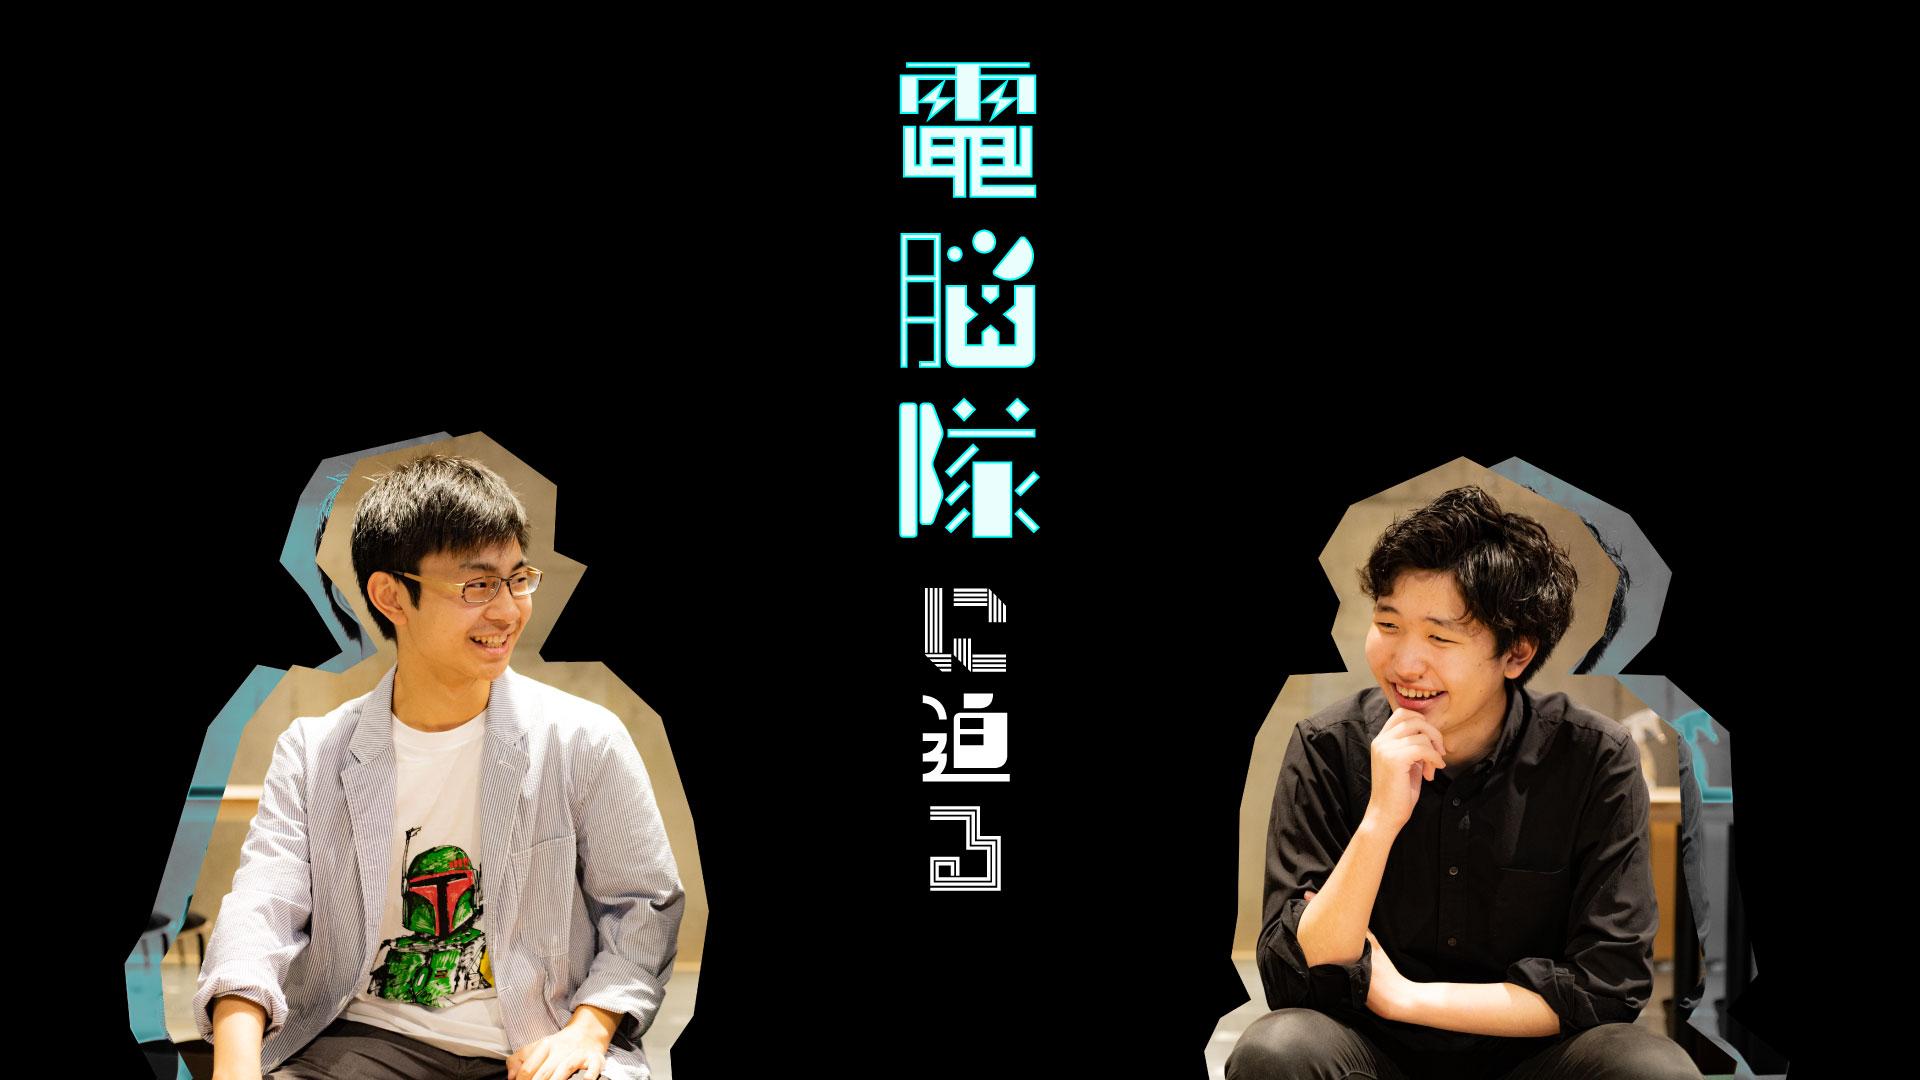 札幌で産声を上げた、中高生向けIT開発団体『電脳隊』って?